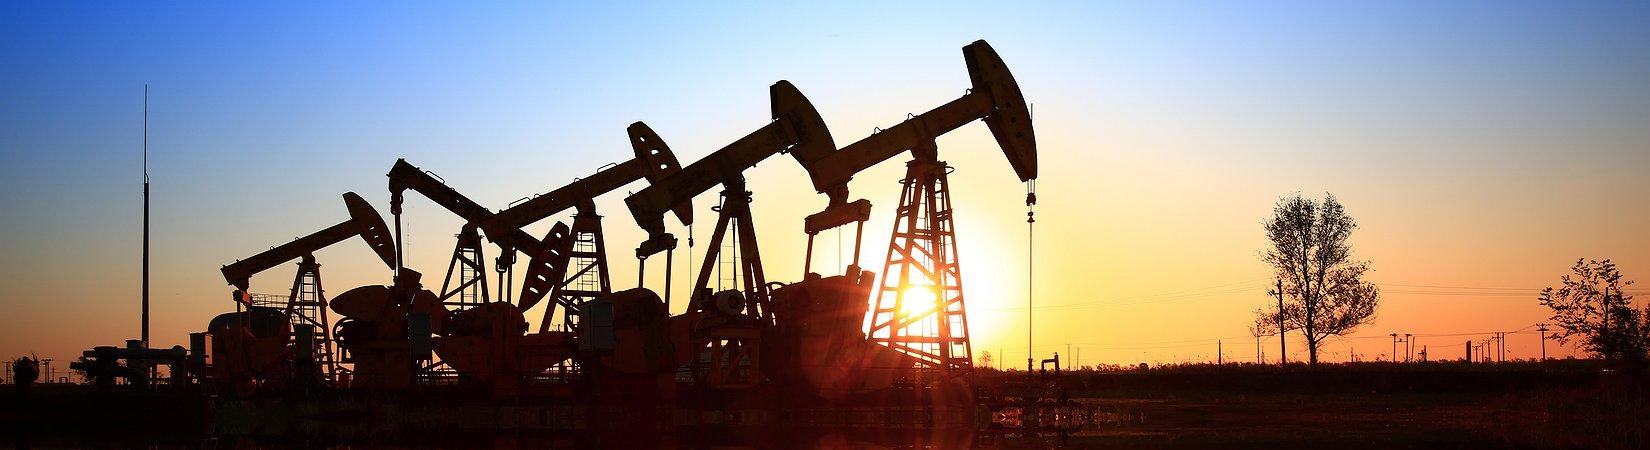 Цены на нефть растут на фоне рекордного сокращения запасов в США